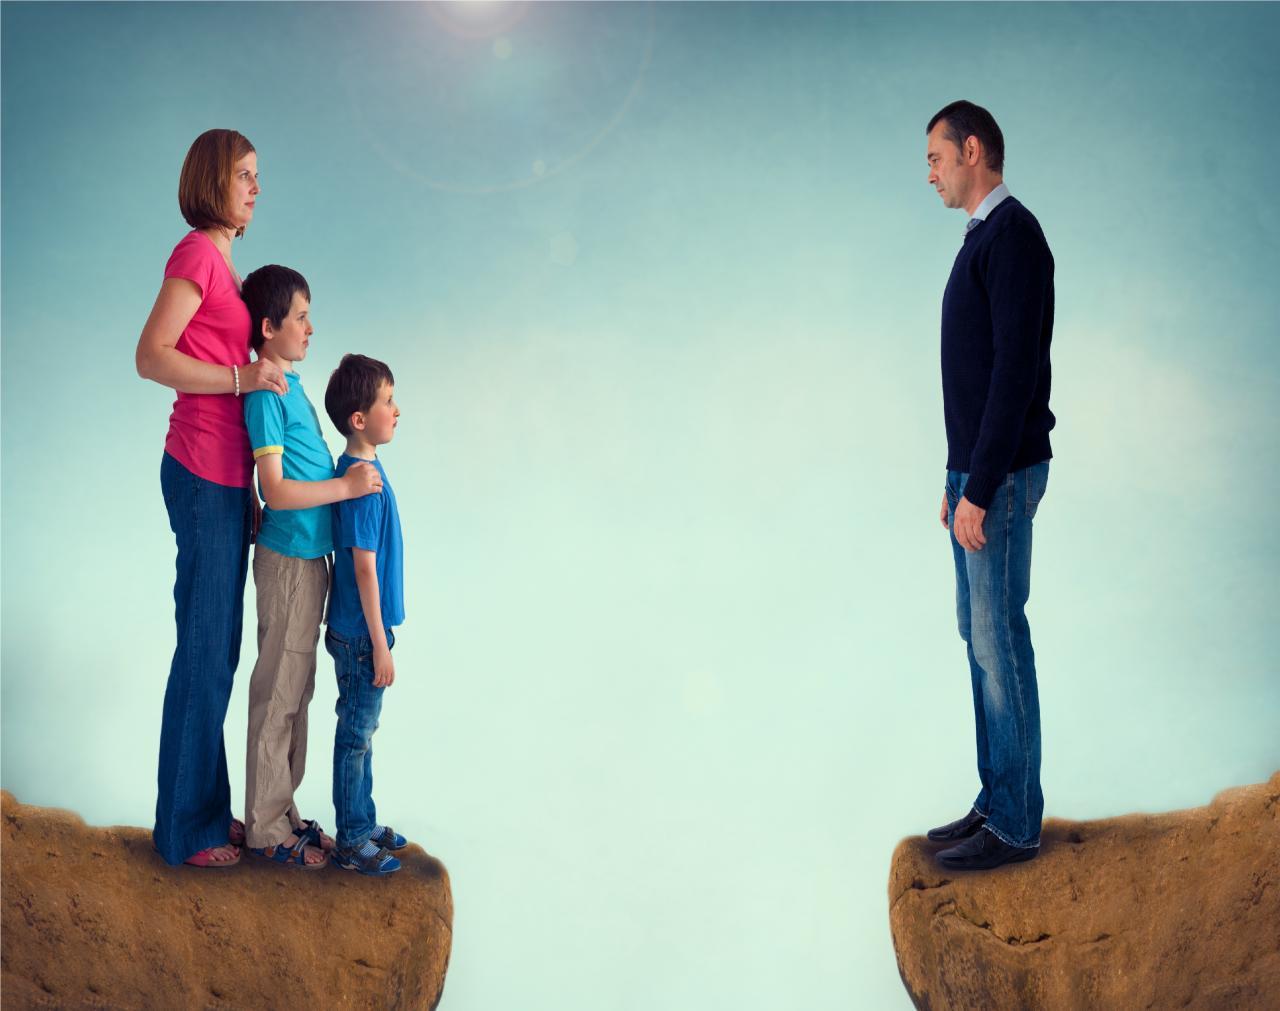 بالصور متى تسقط حضانة الام , شروط تسقط حق الام حضانتها لابنائها 2243